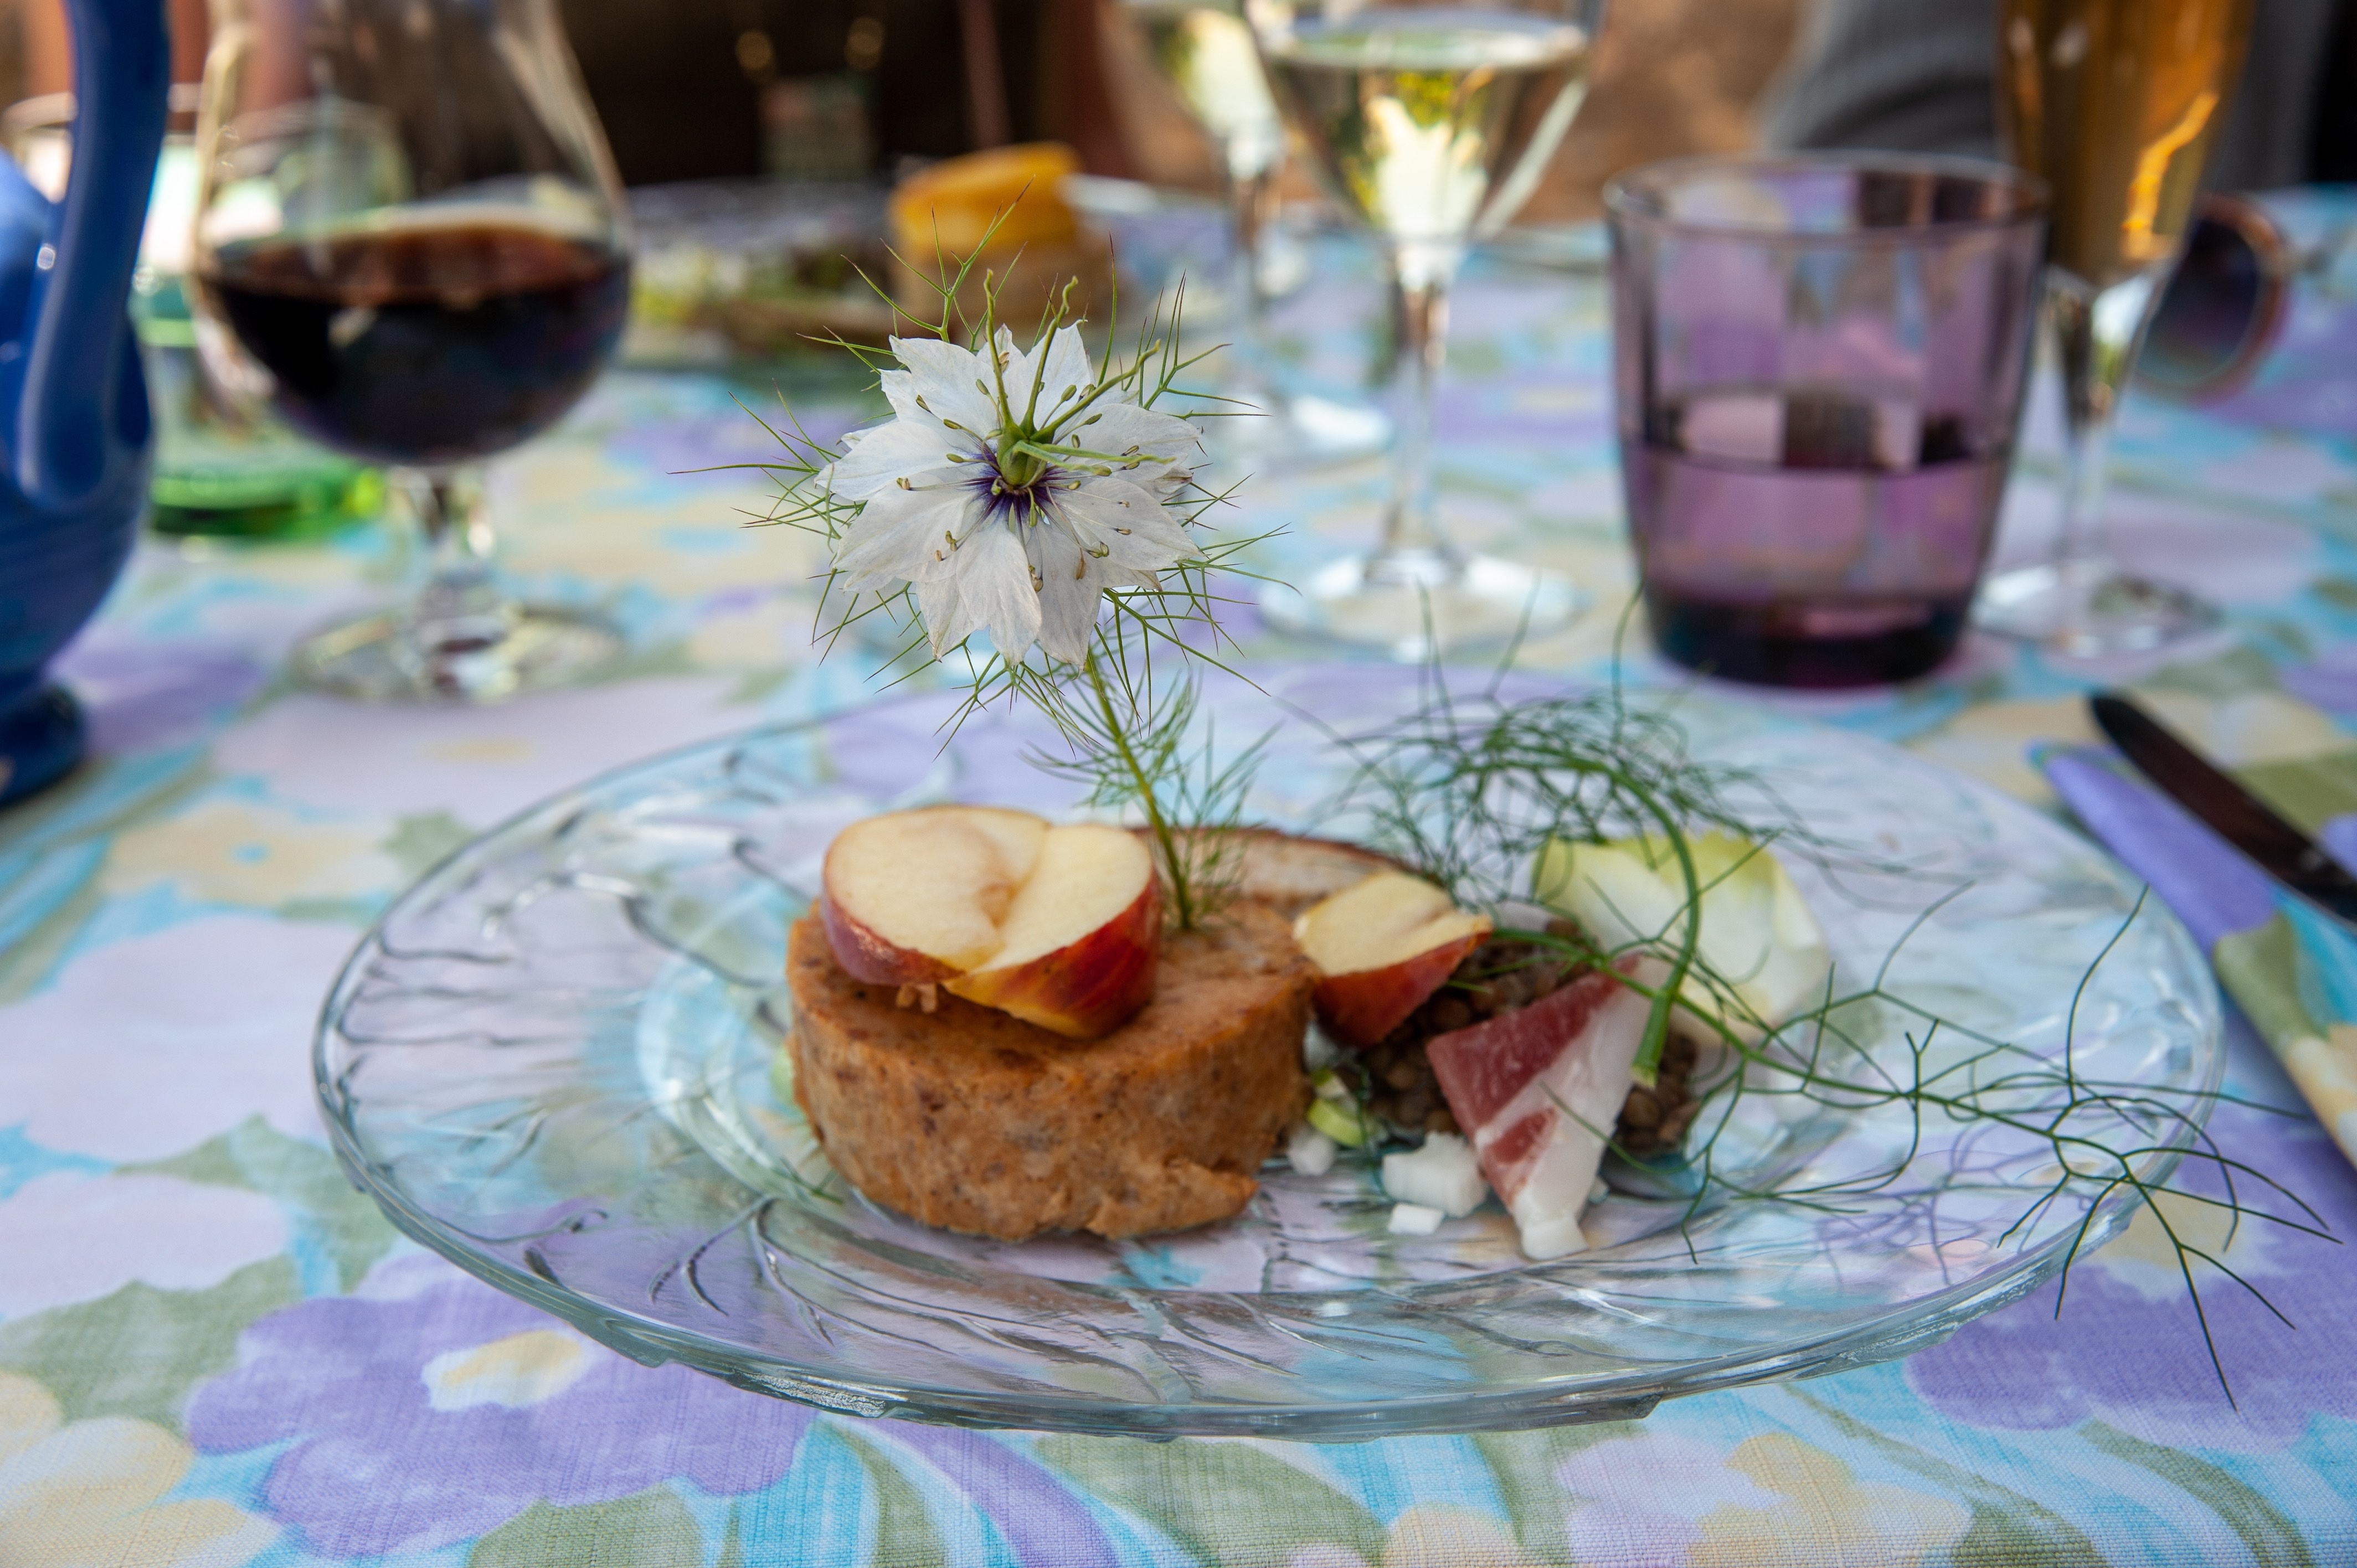 Dejeuner a l'hostellerie des Lauriers, Villeneuve-sur-Tarn